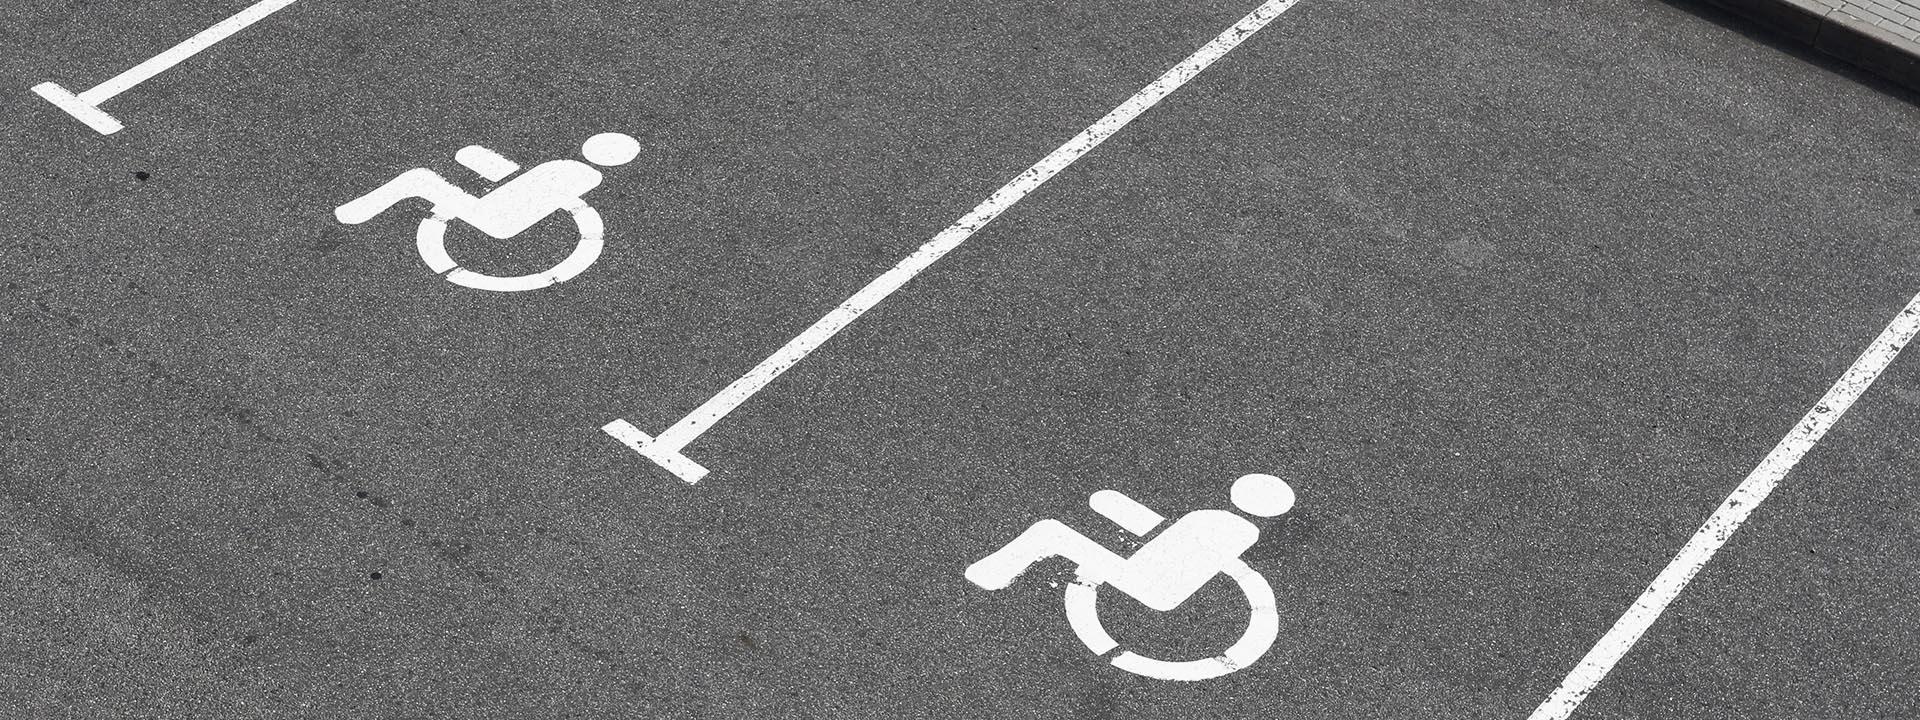 Parken auf Behindertenparkplätzen